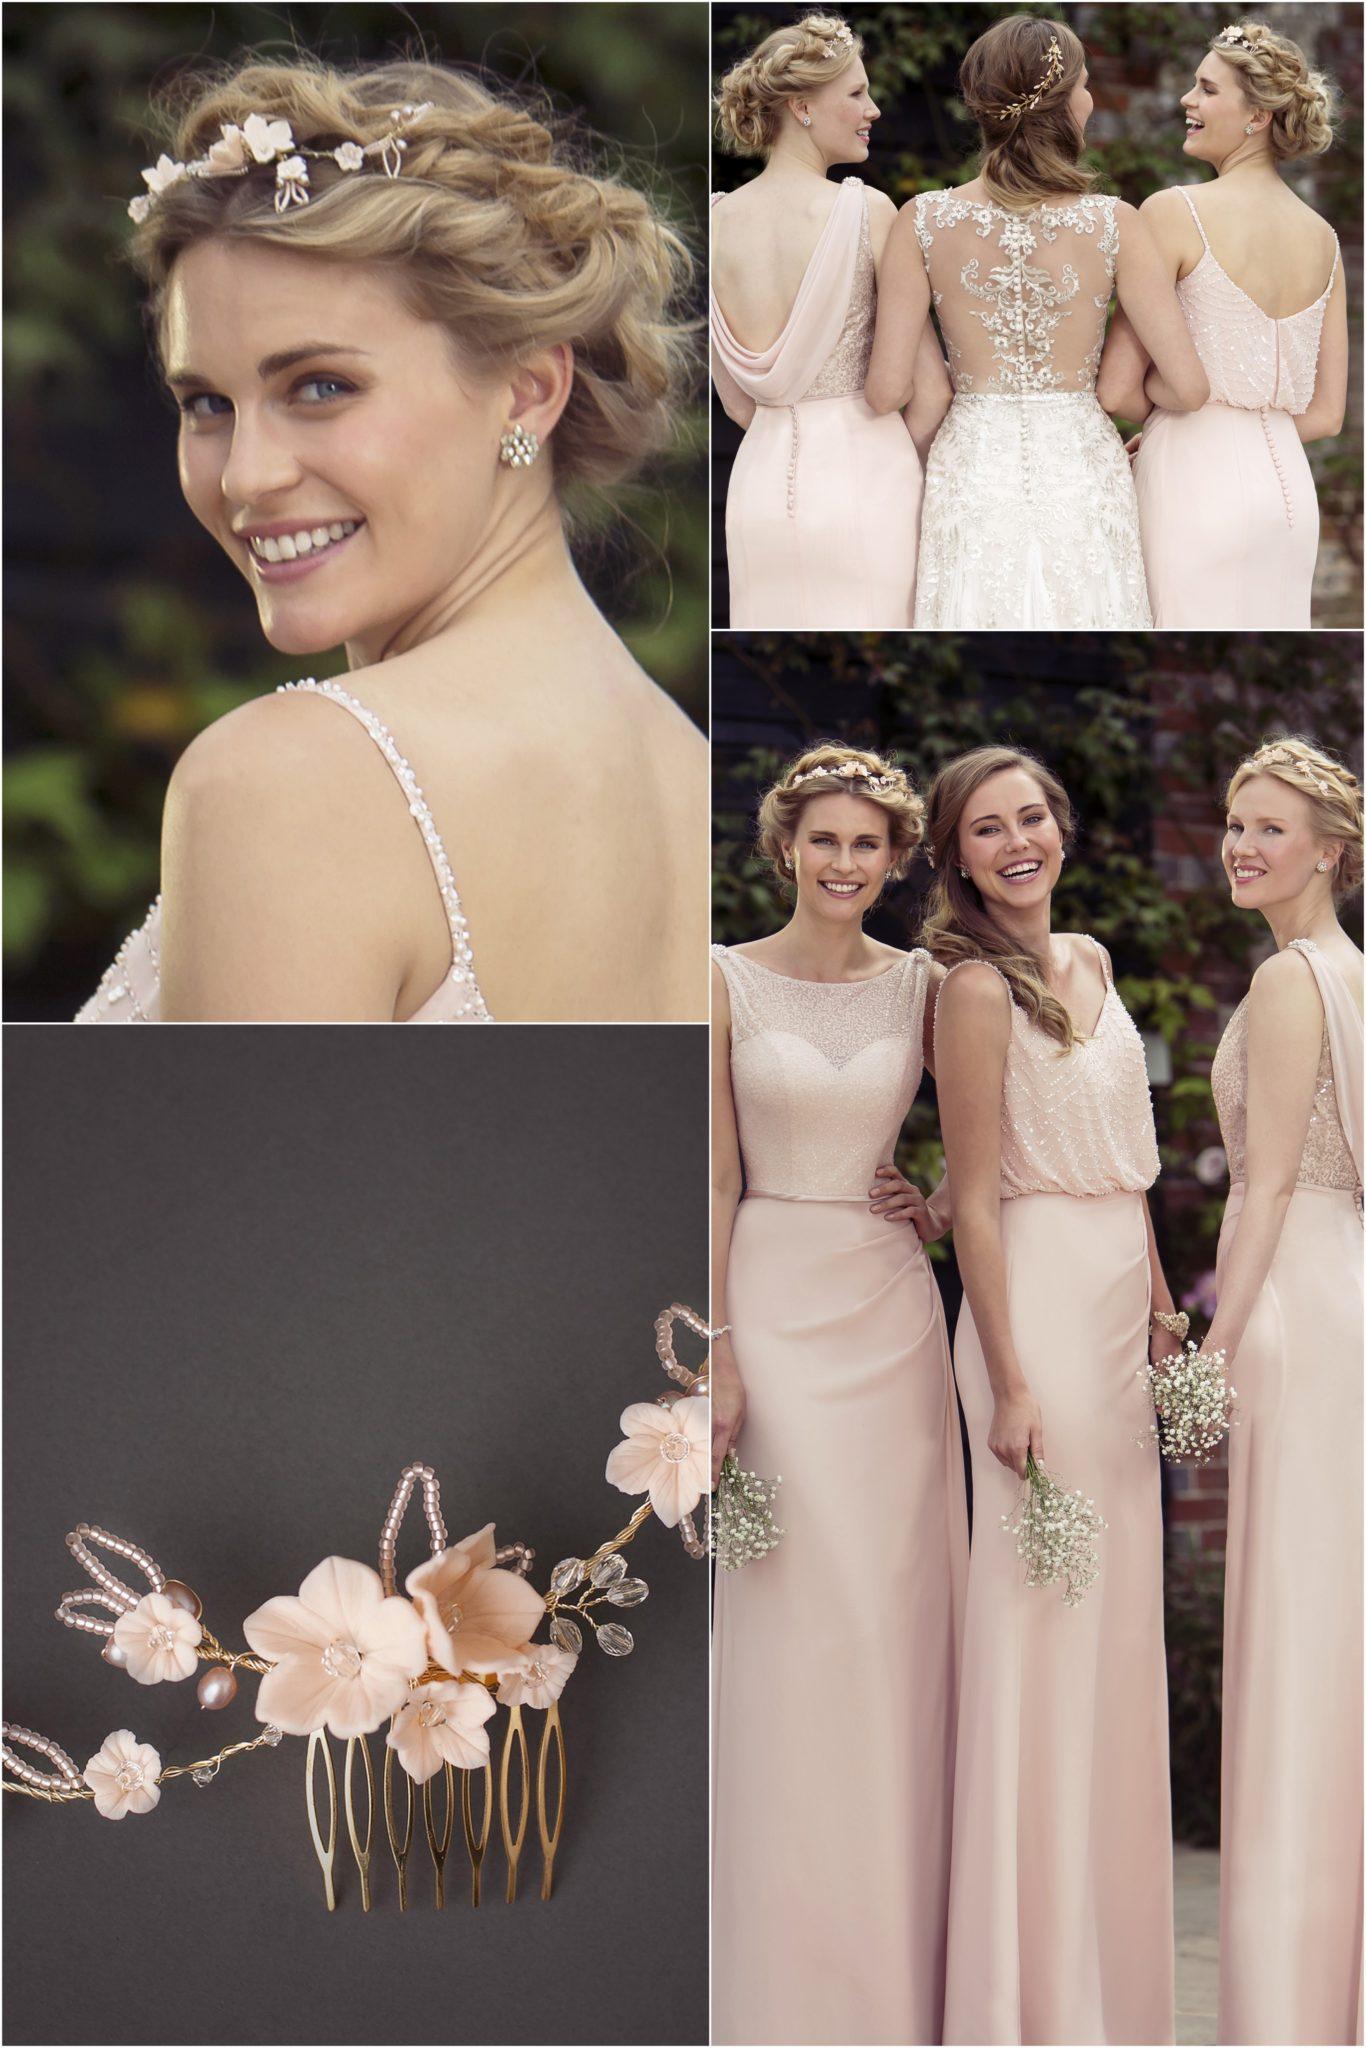 Blush Pink Bridesmaids